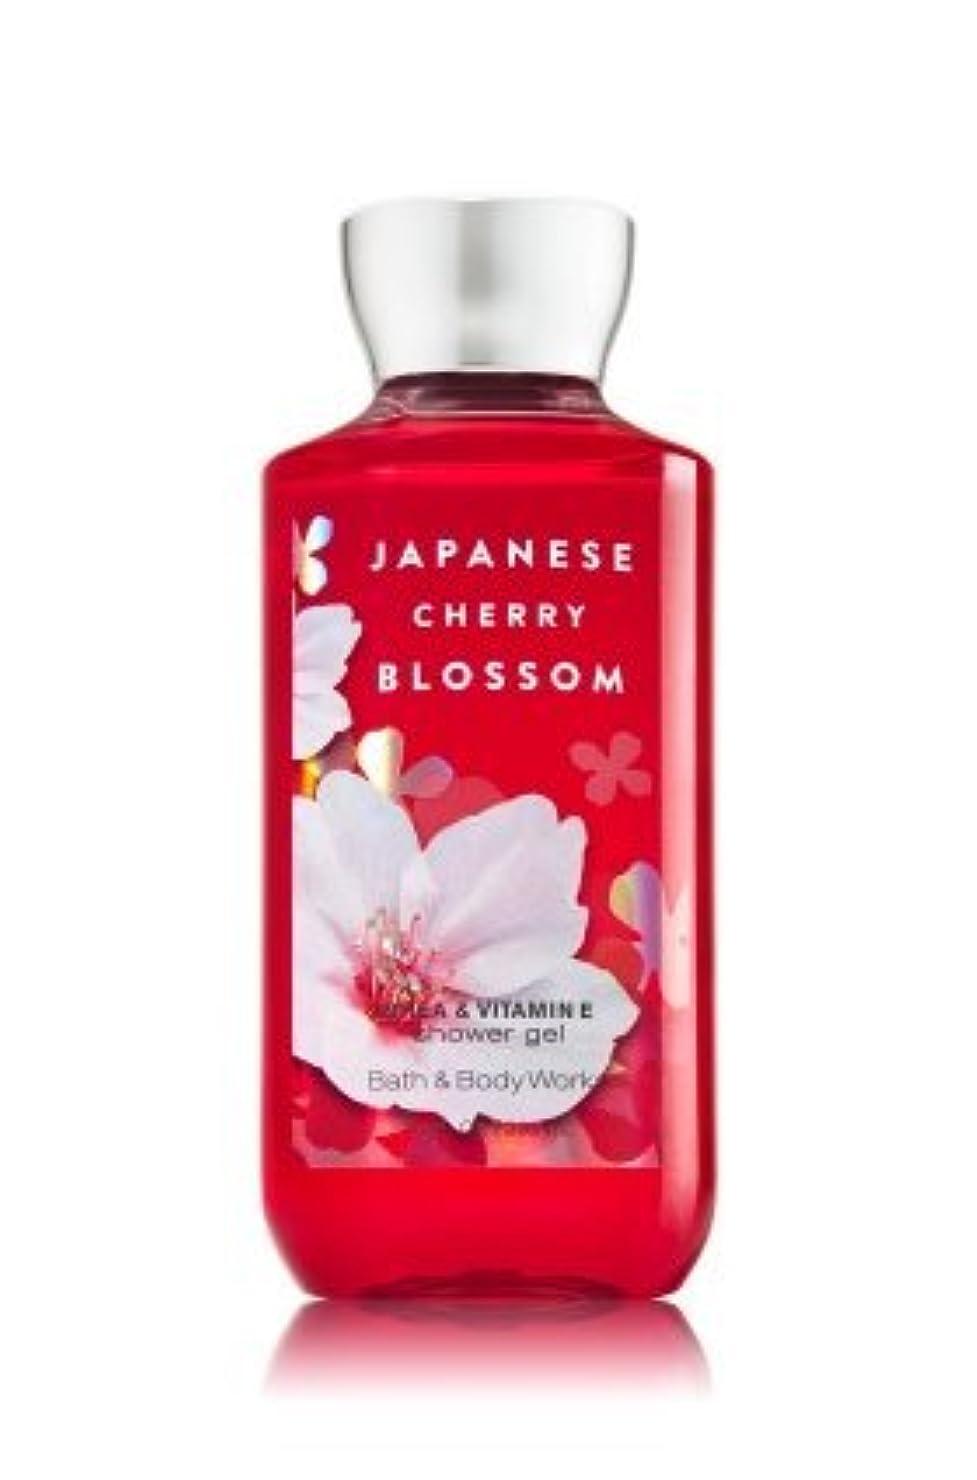 ばかげたいっぱいせがむ【Bath&Body Works/バス&ボディワークス】 シャワージェル ジャパニーズチェリーブロッサム Shower Gel Japanese Cherry Blossom 10 fl oz / 295 mL [並行輸入品]